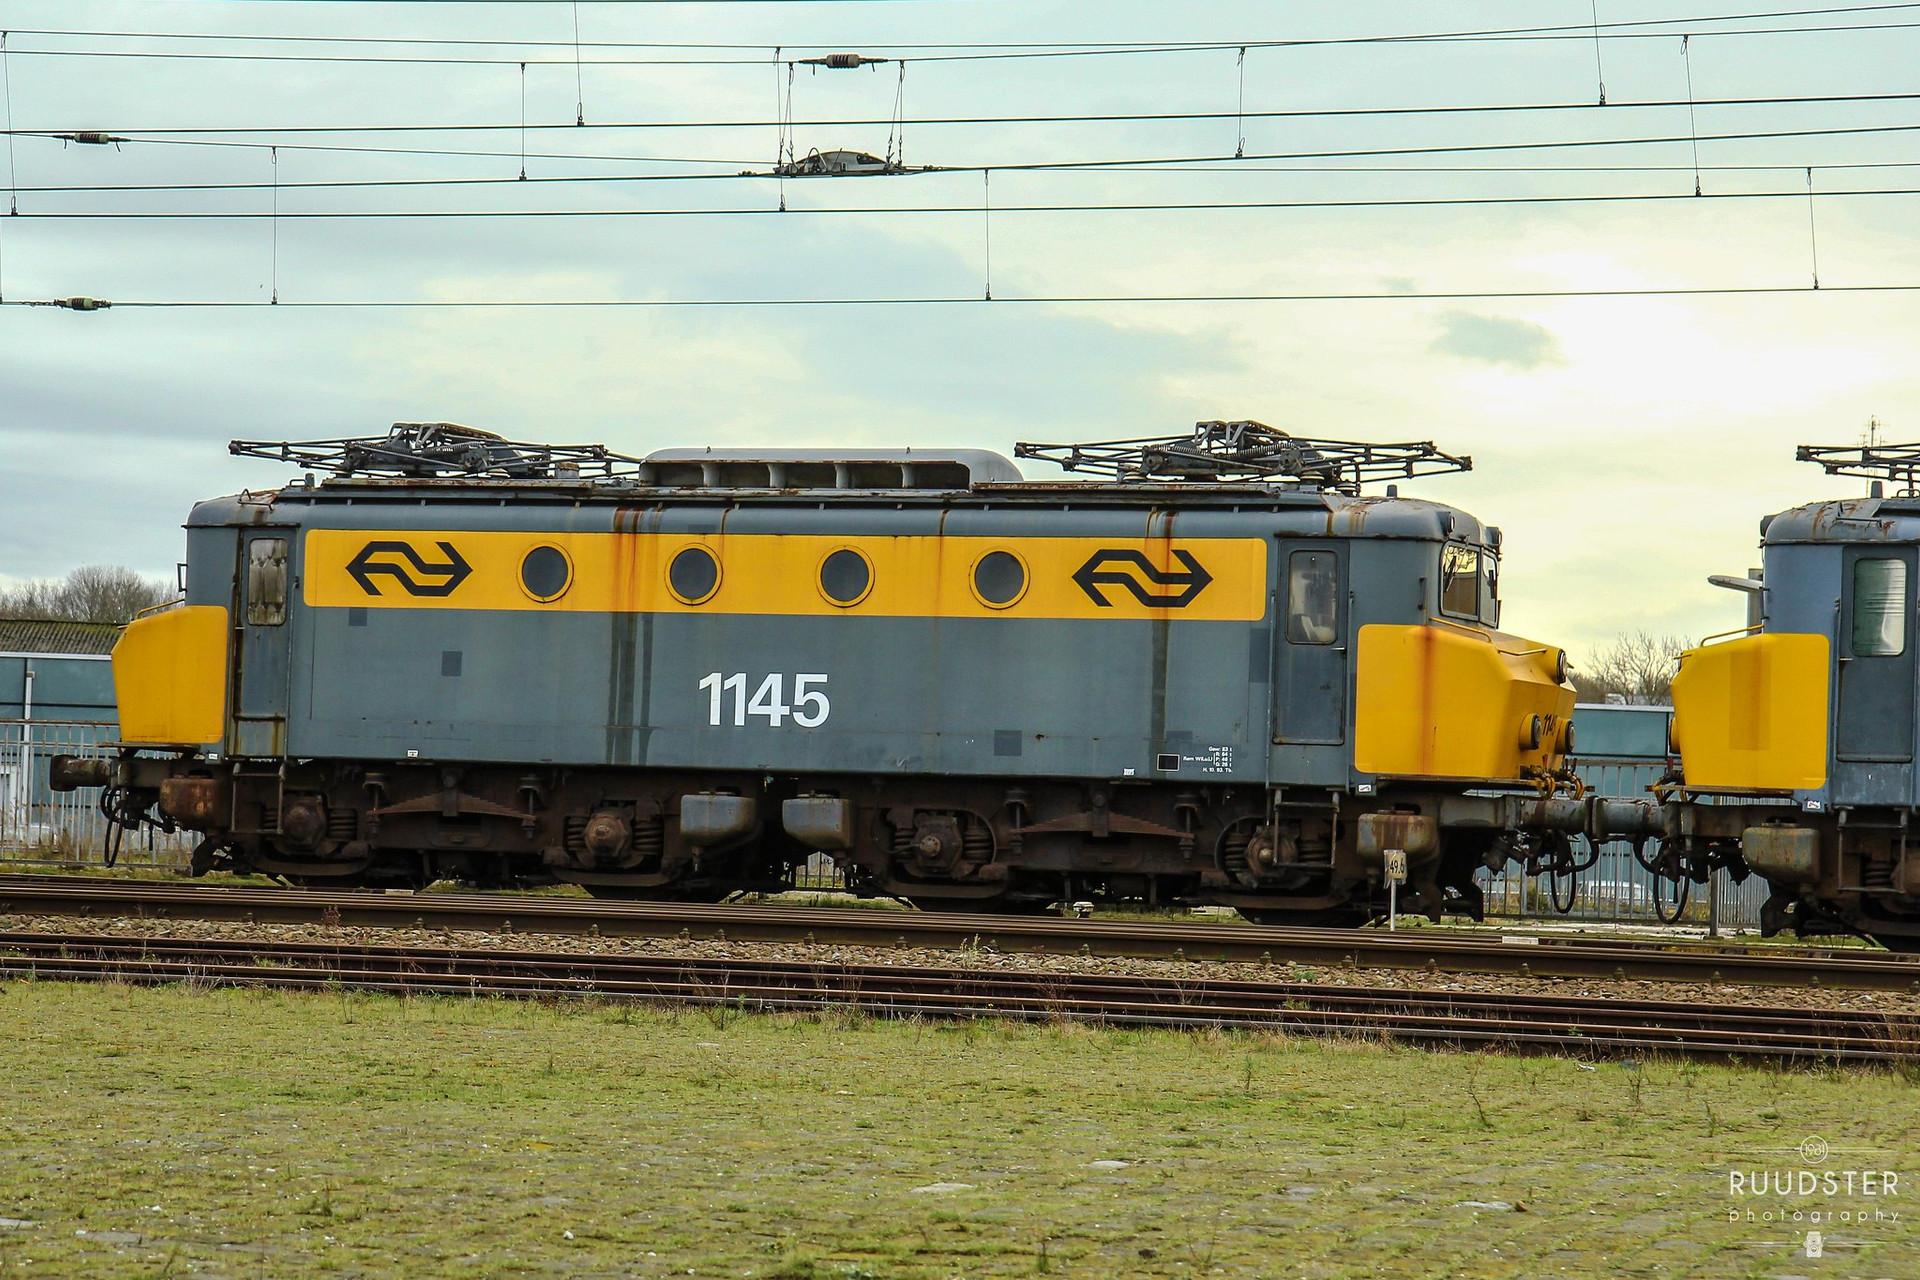 1145 | Build: 1952 - GEC Alsthom, Belfort (FR)